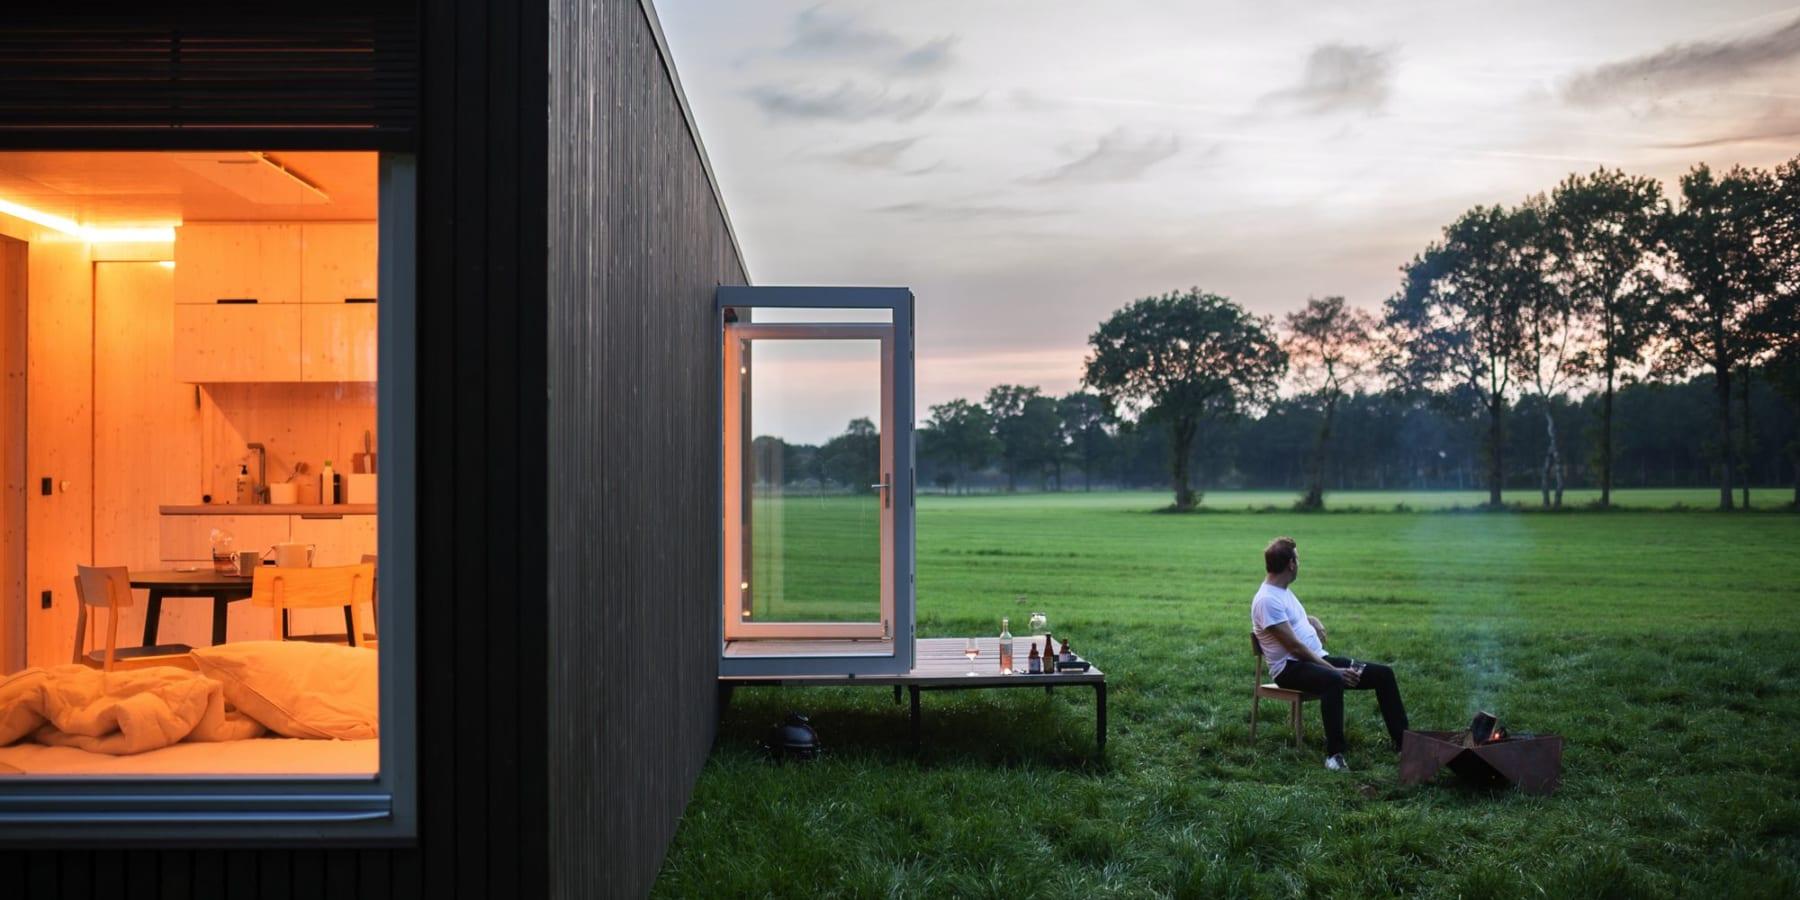 ベルギーの環境配慮型オフグリットキャビン「Slow Cabin」